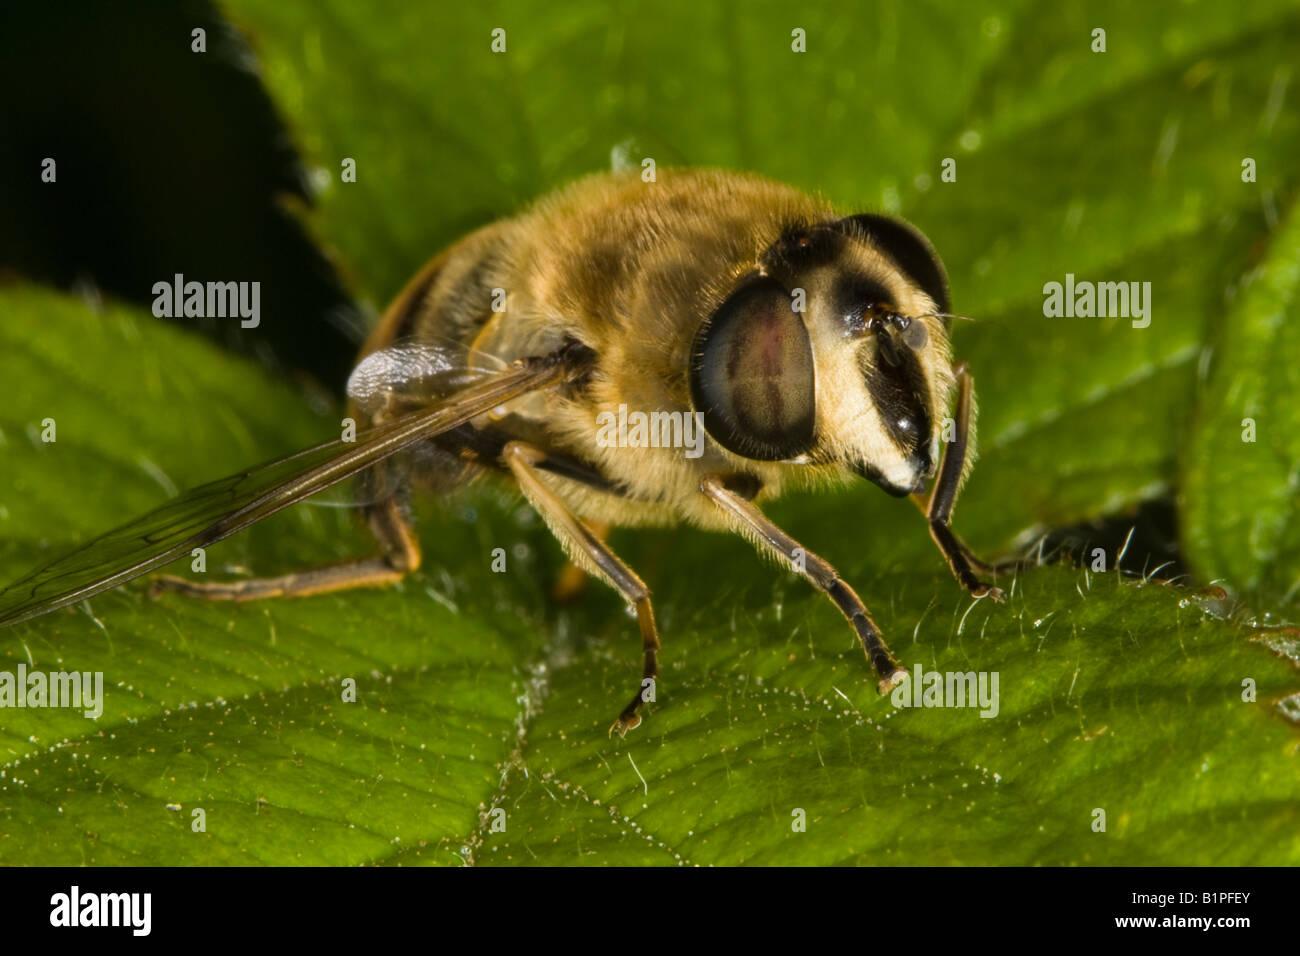 Drohne fliegen (Eristalis Tenax) - eine Imitation der Europäischen Honigbiene Stockbild